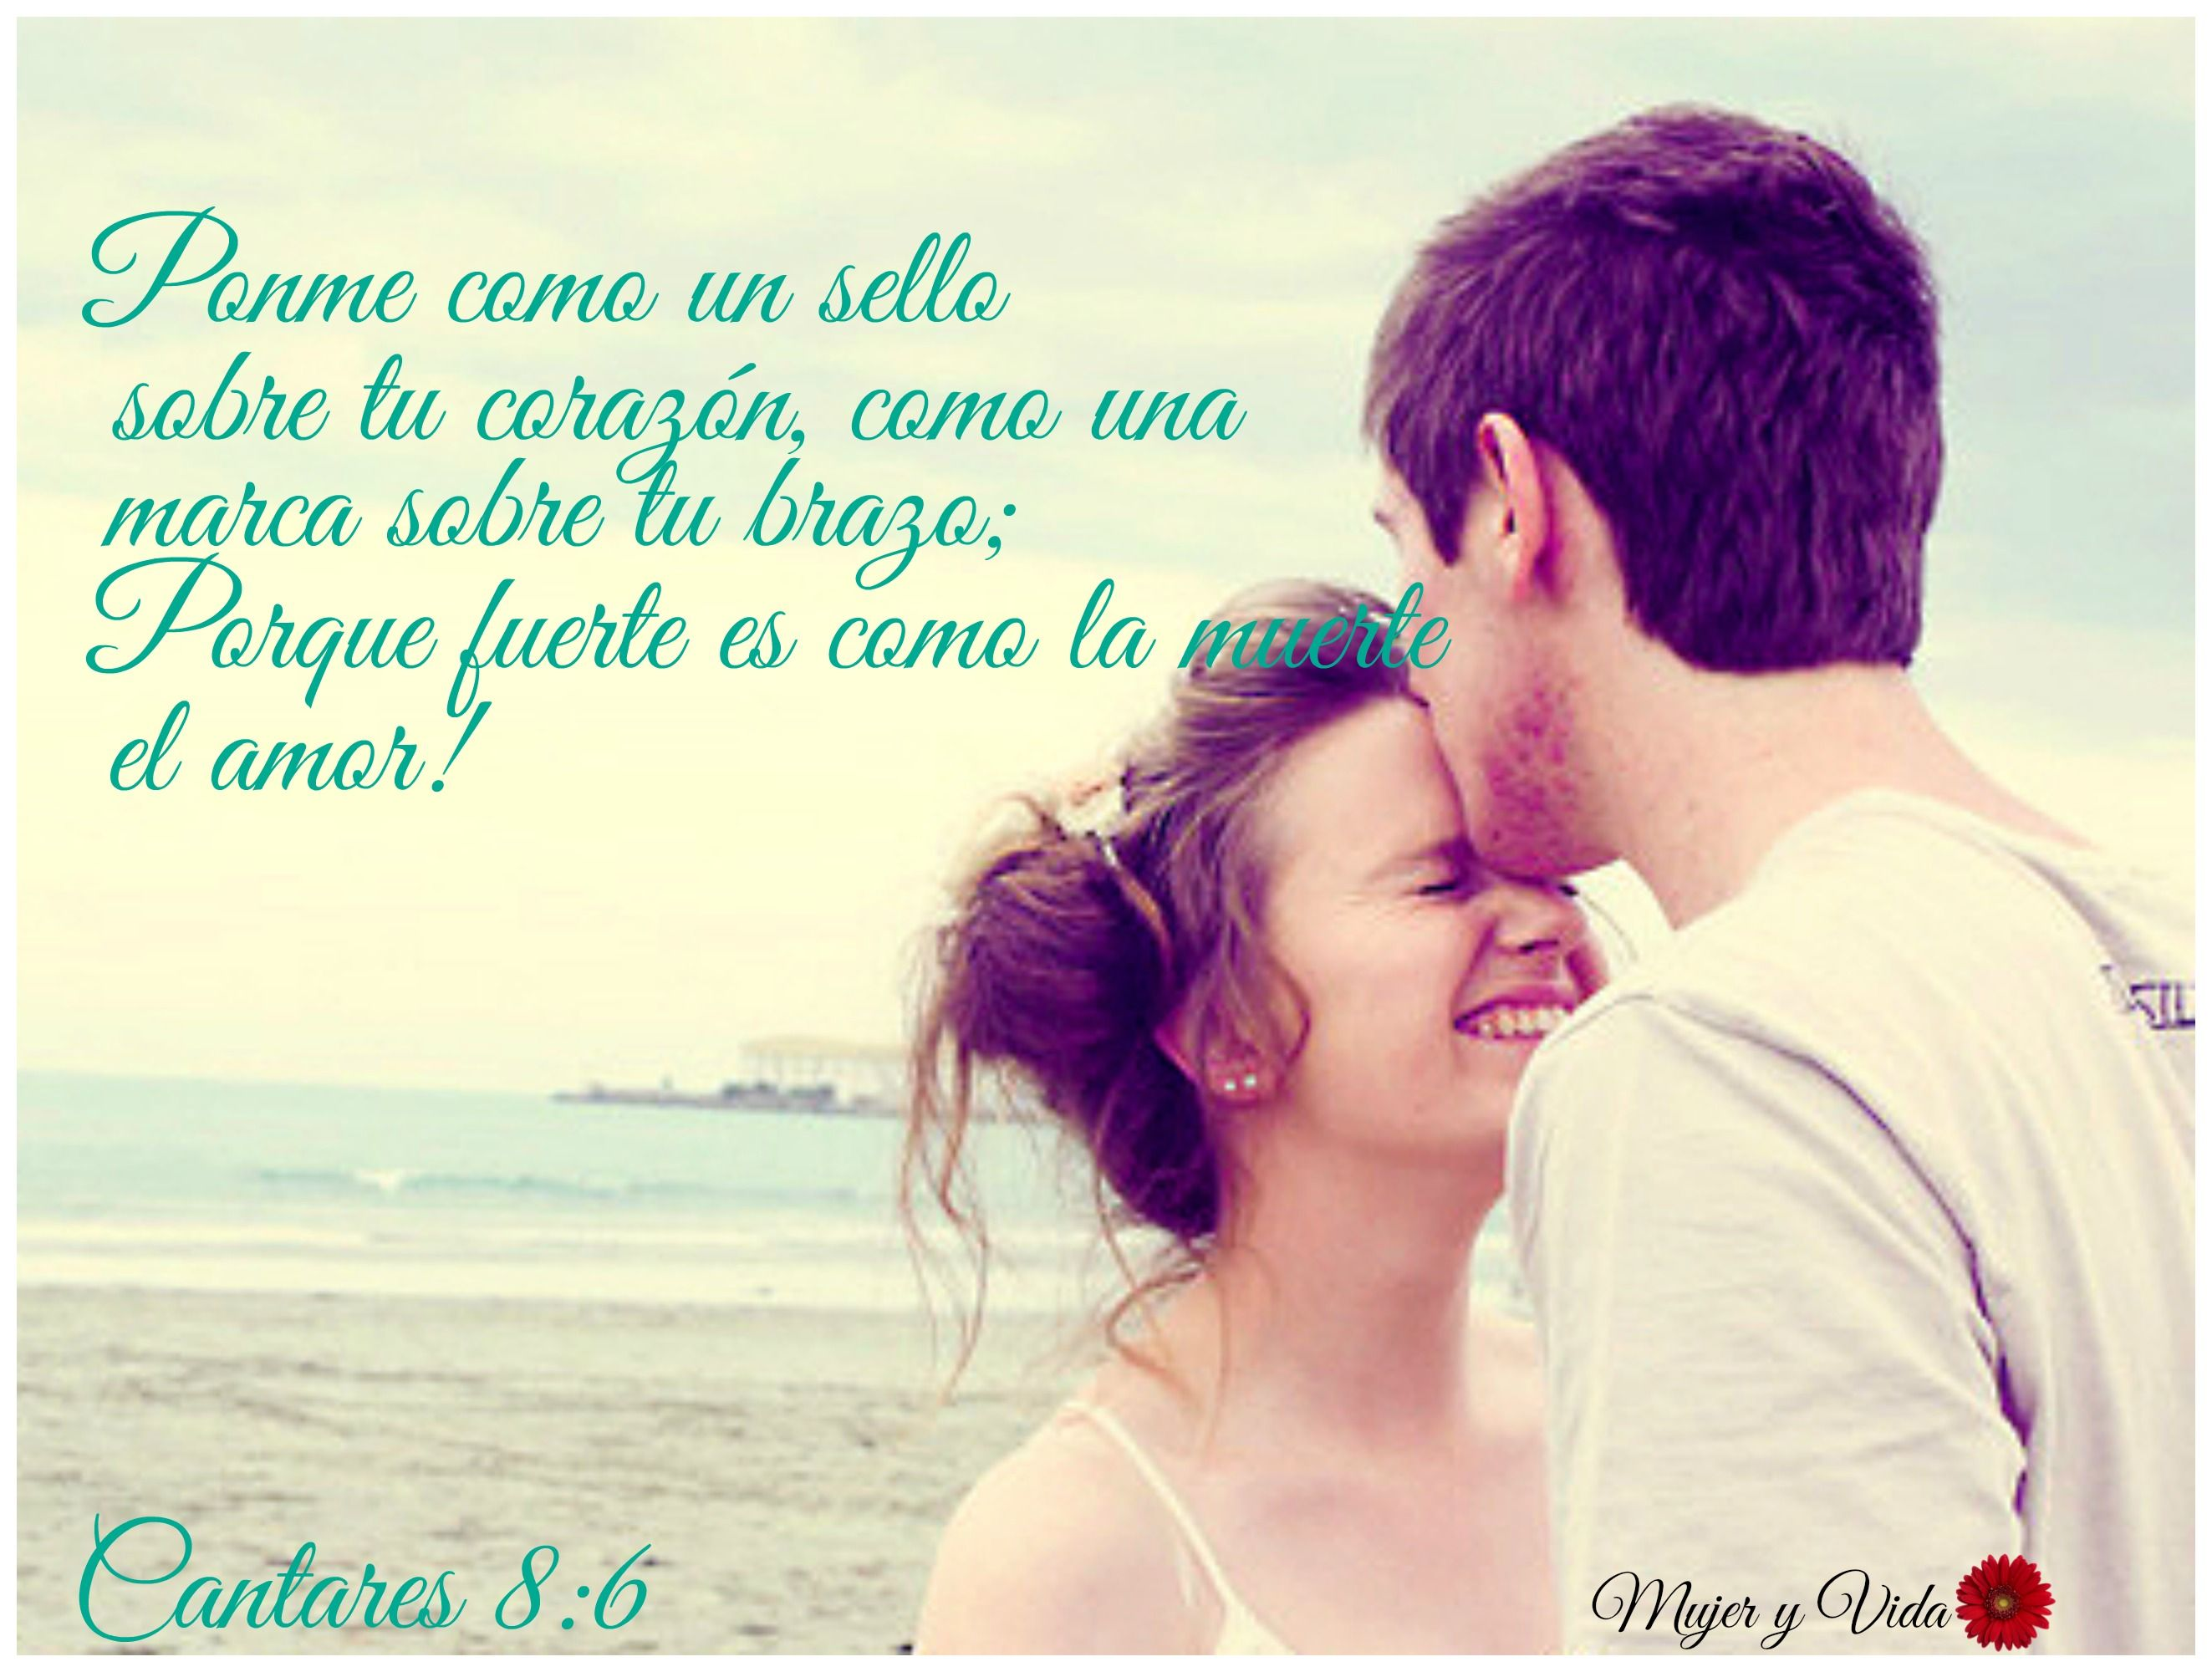 Matrimonio Segun La Biblia Reina Valera : La biblia cantares my live pinterest el amor es